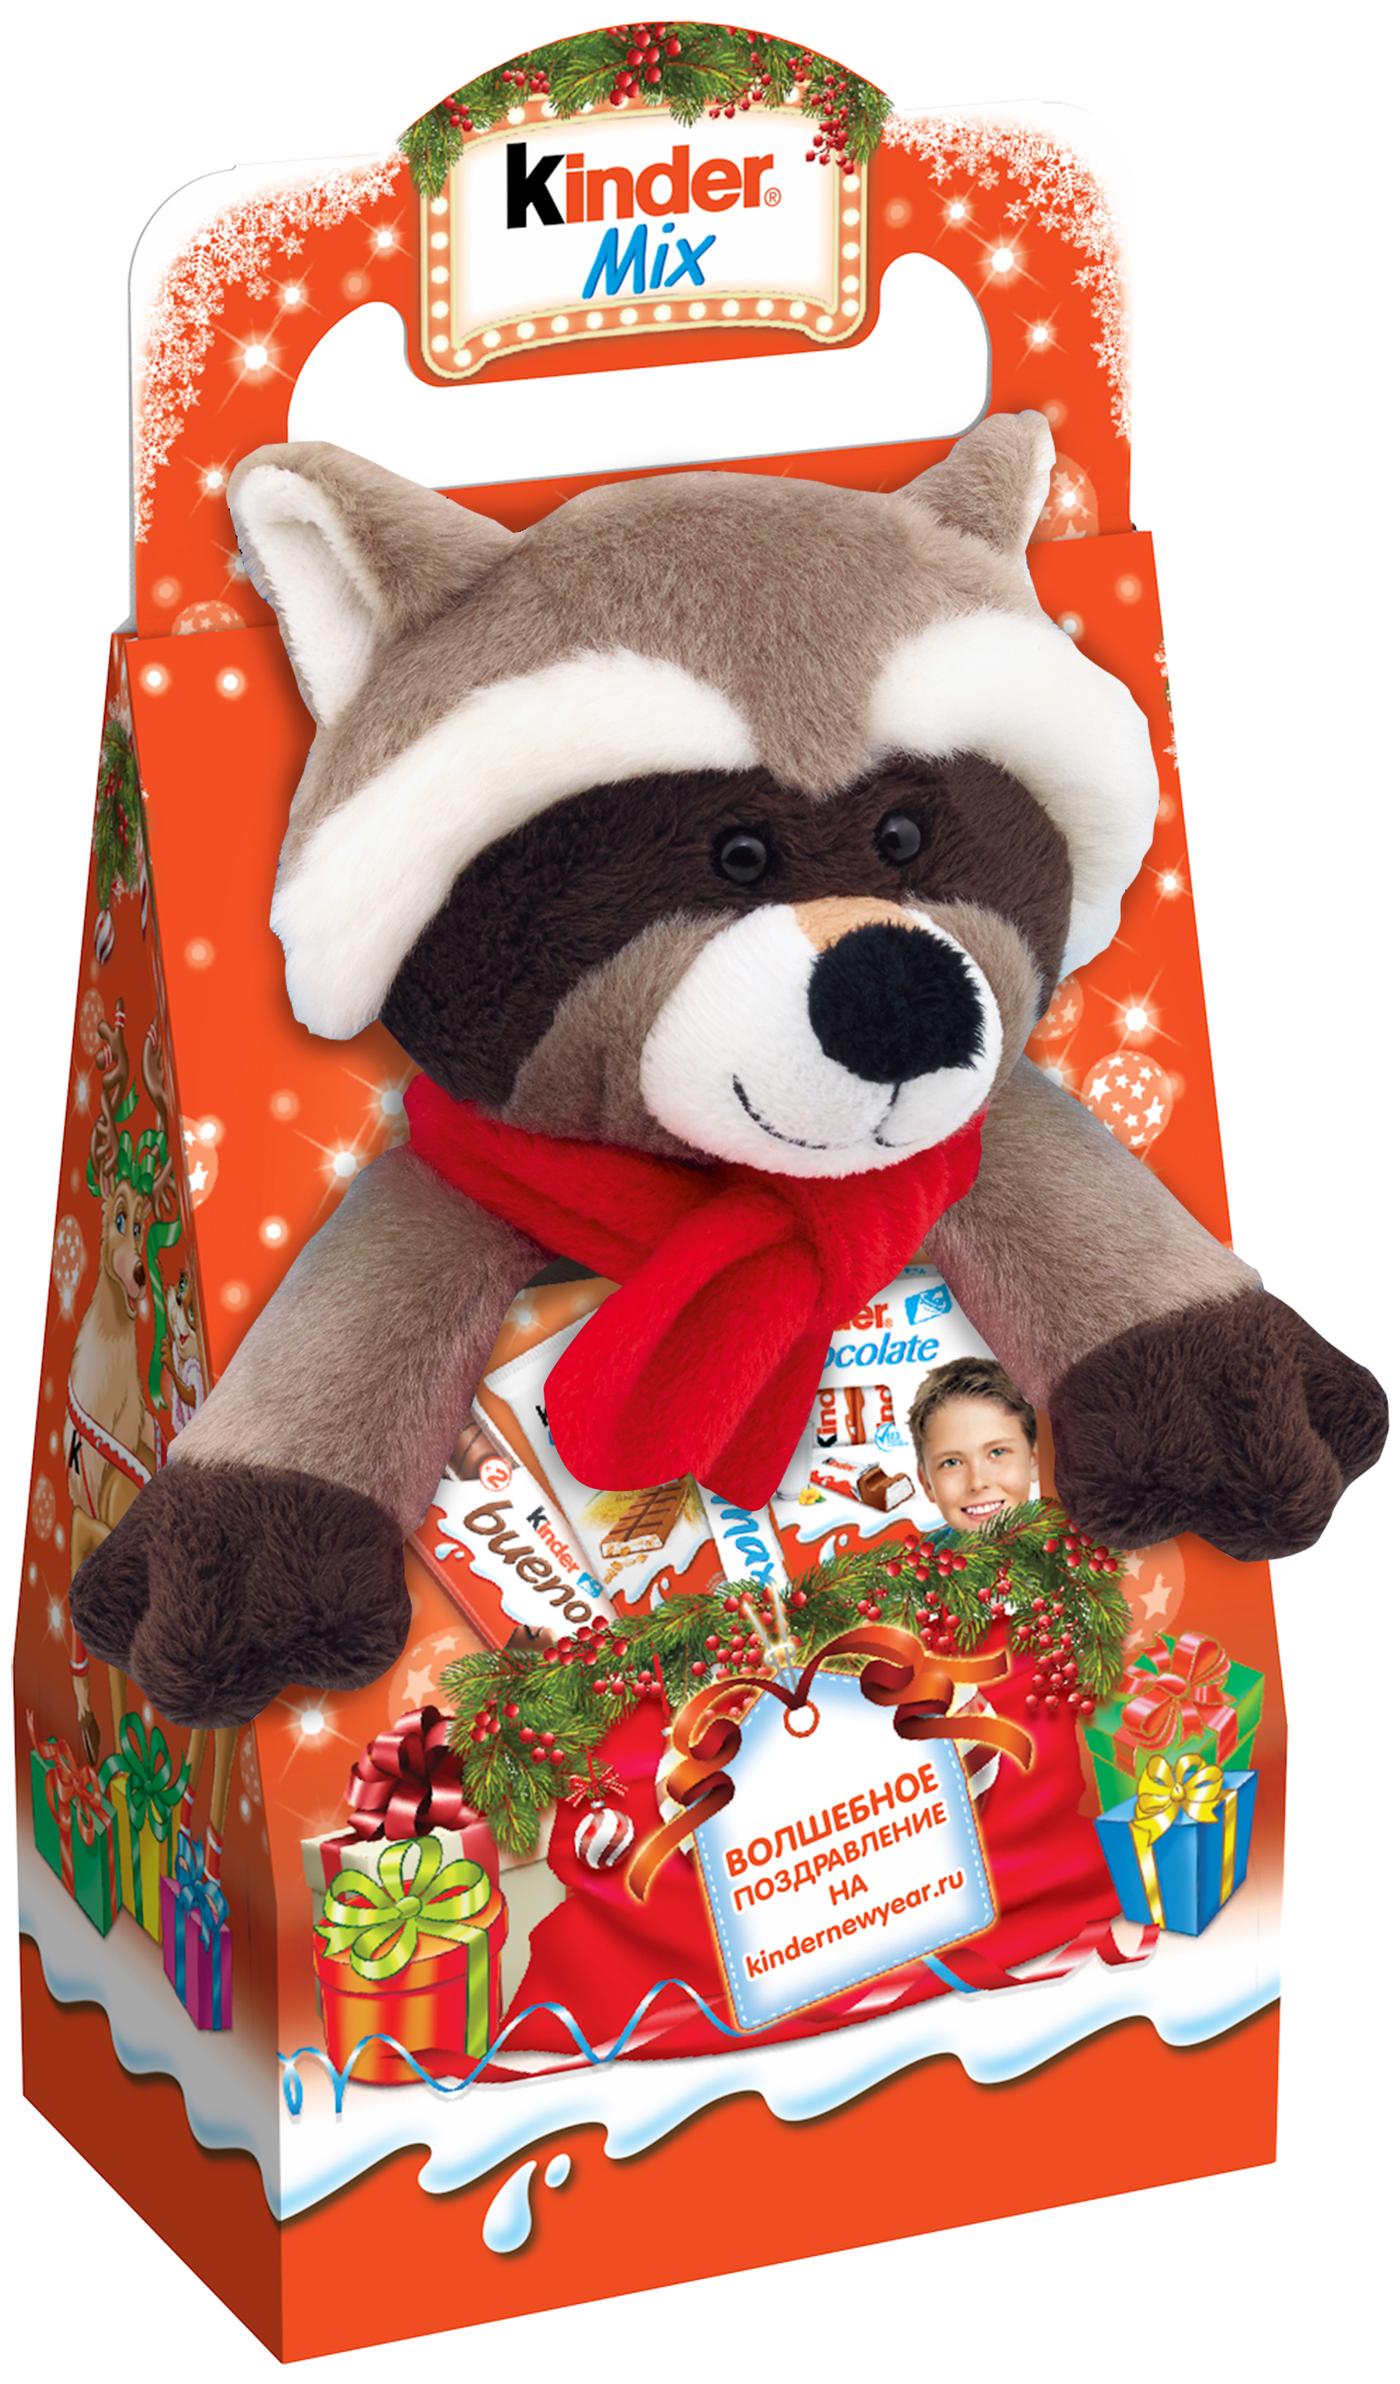 Десерты Kinder Kinder Mix с подарком 137,5 г kinder mini mix подарочный набор 106 5 г